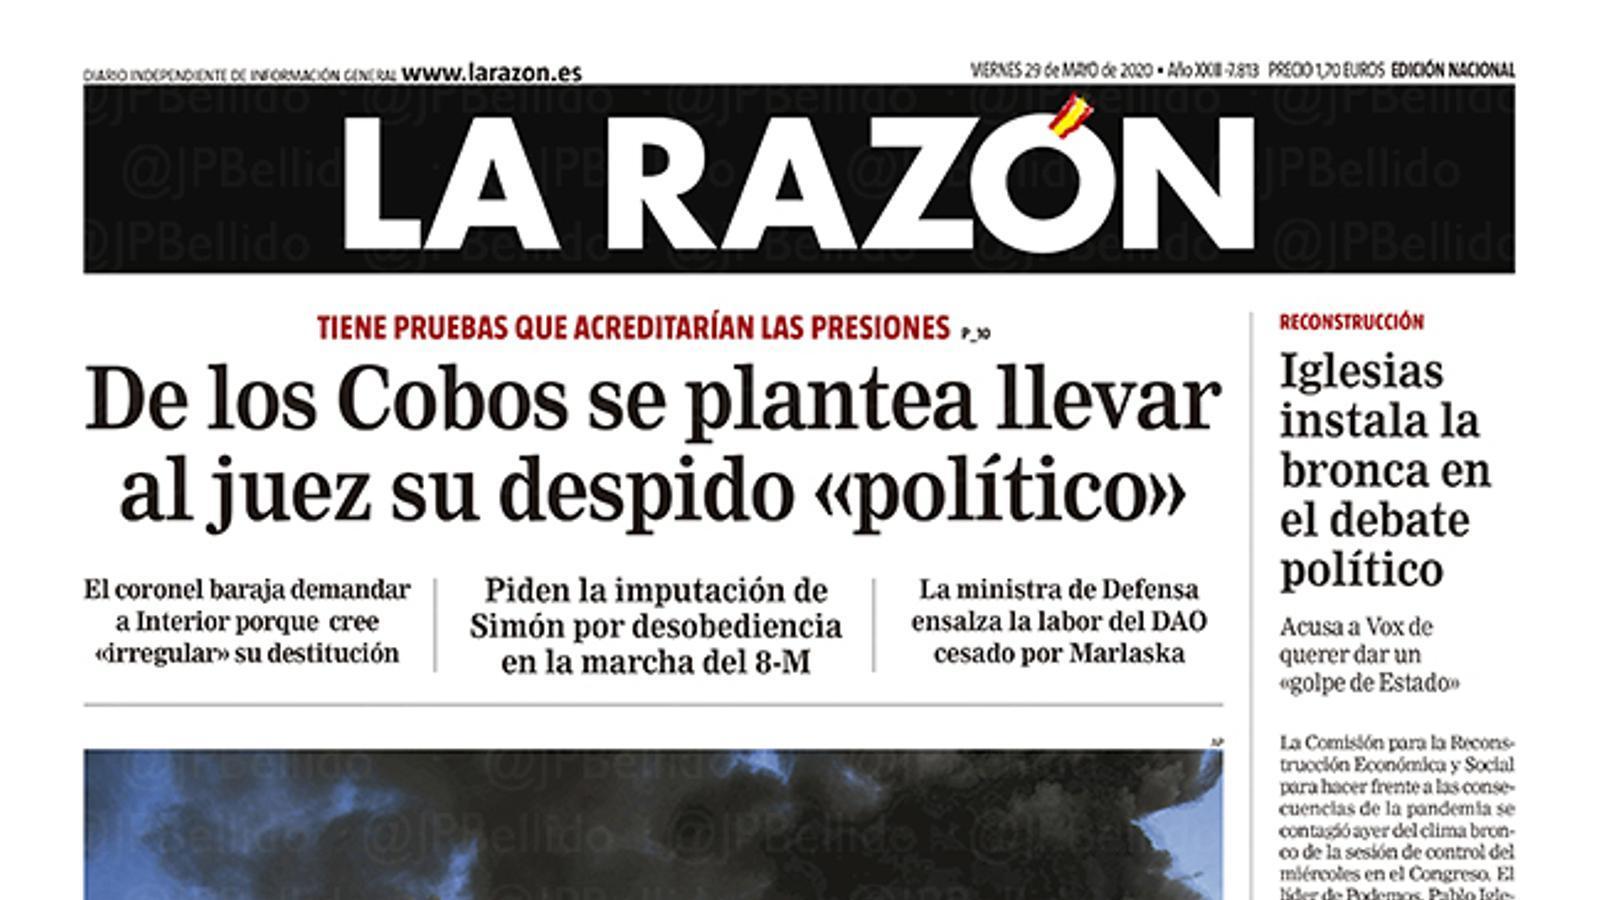 La portada de 'La Razón' del 29 de maig de 2020